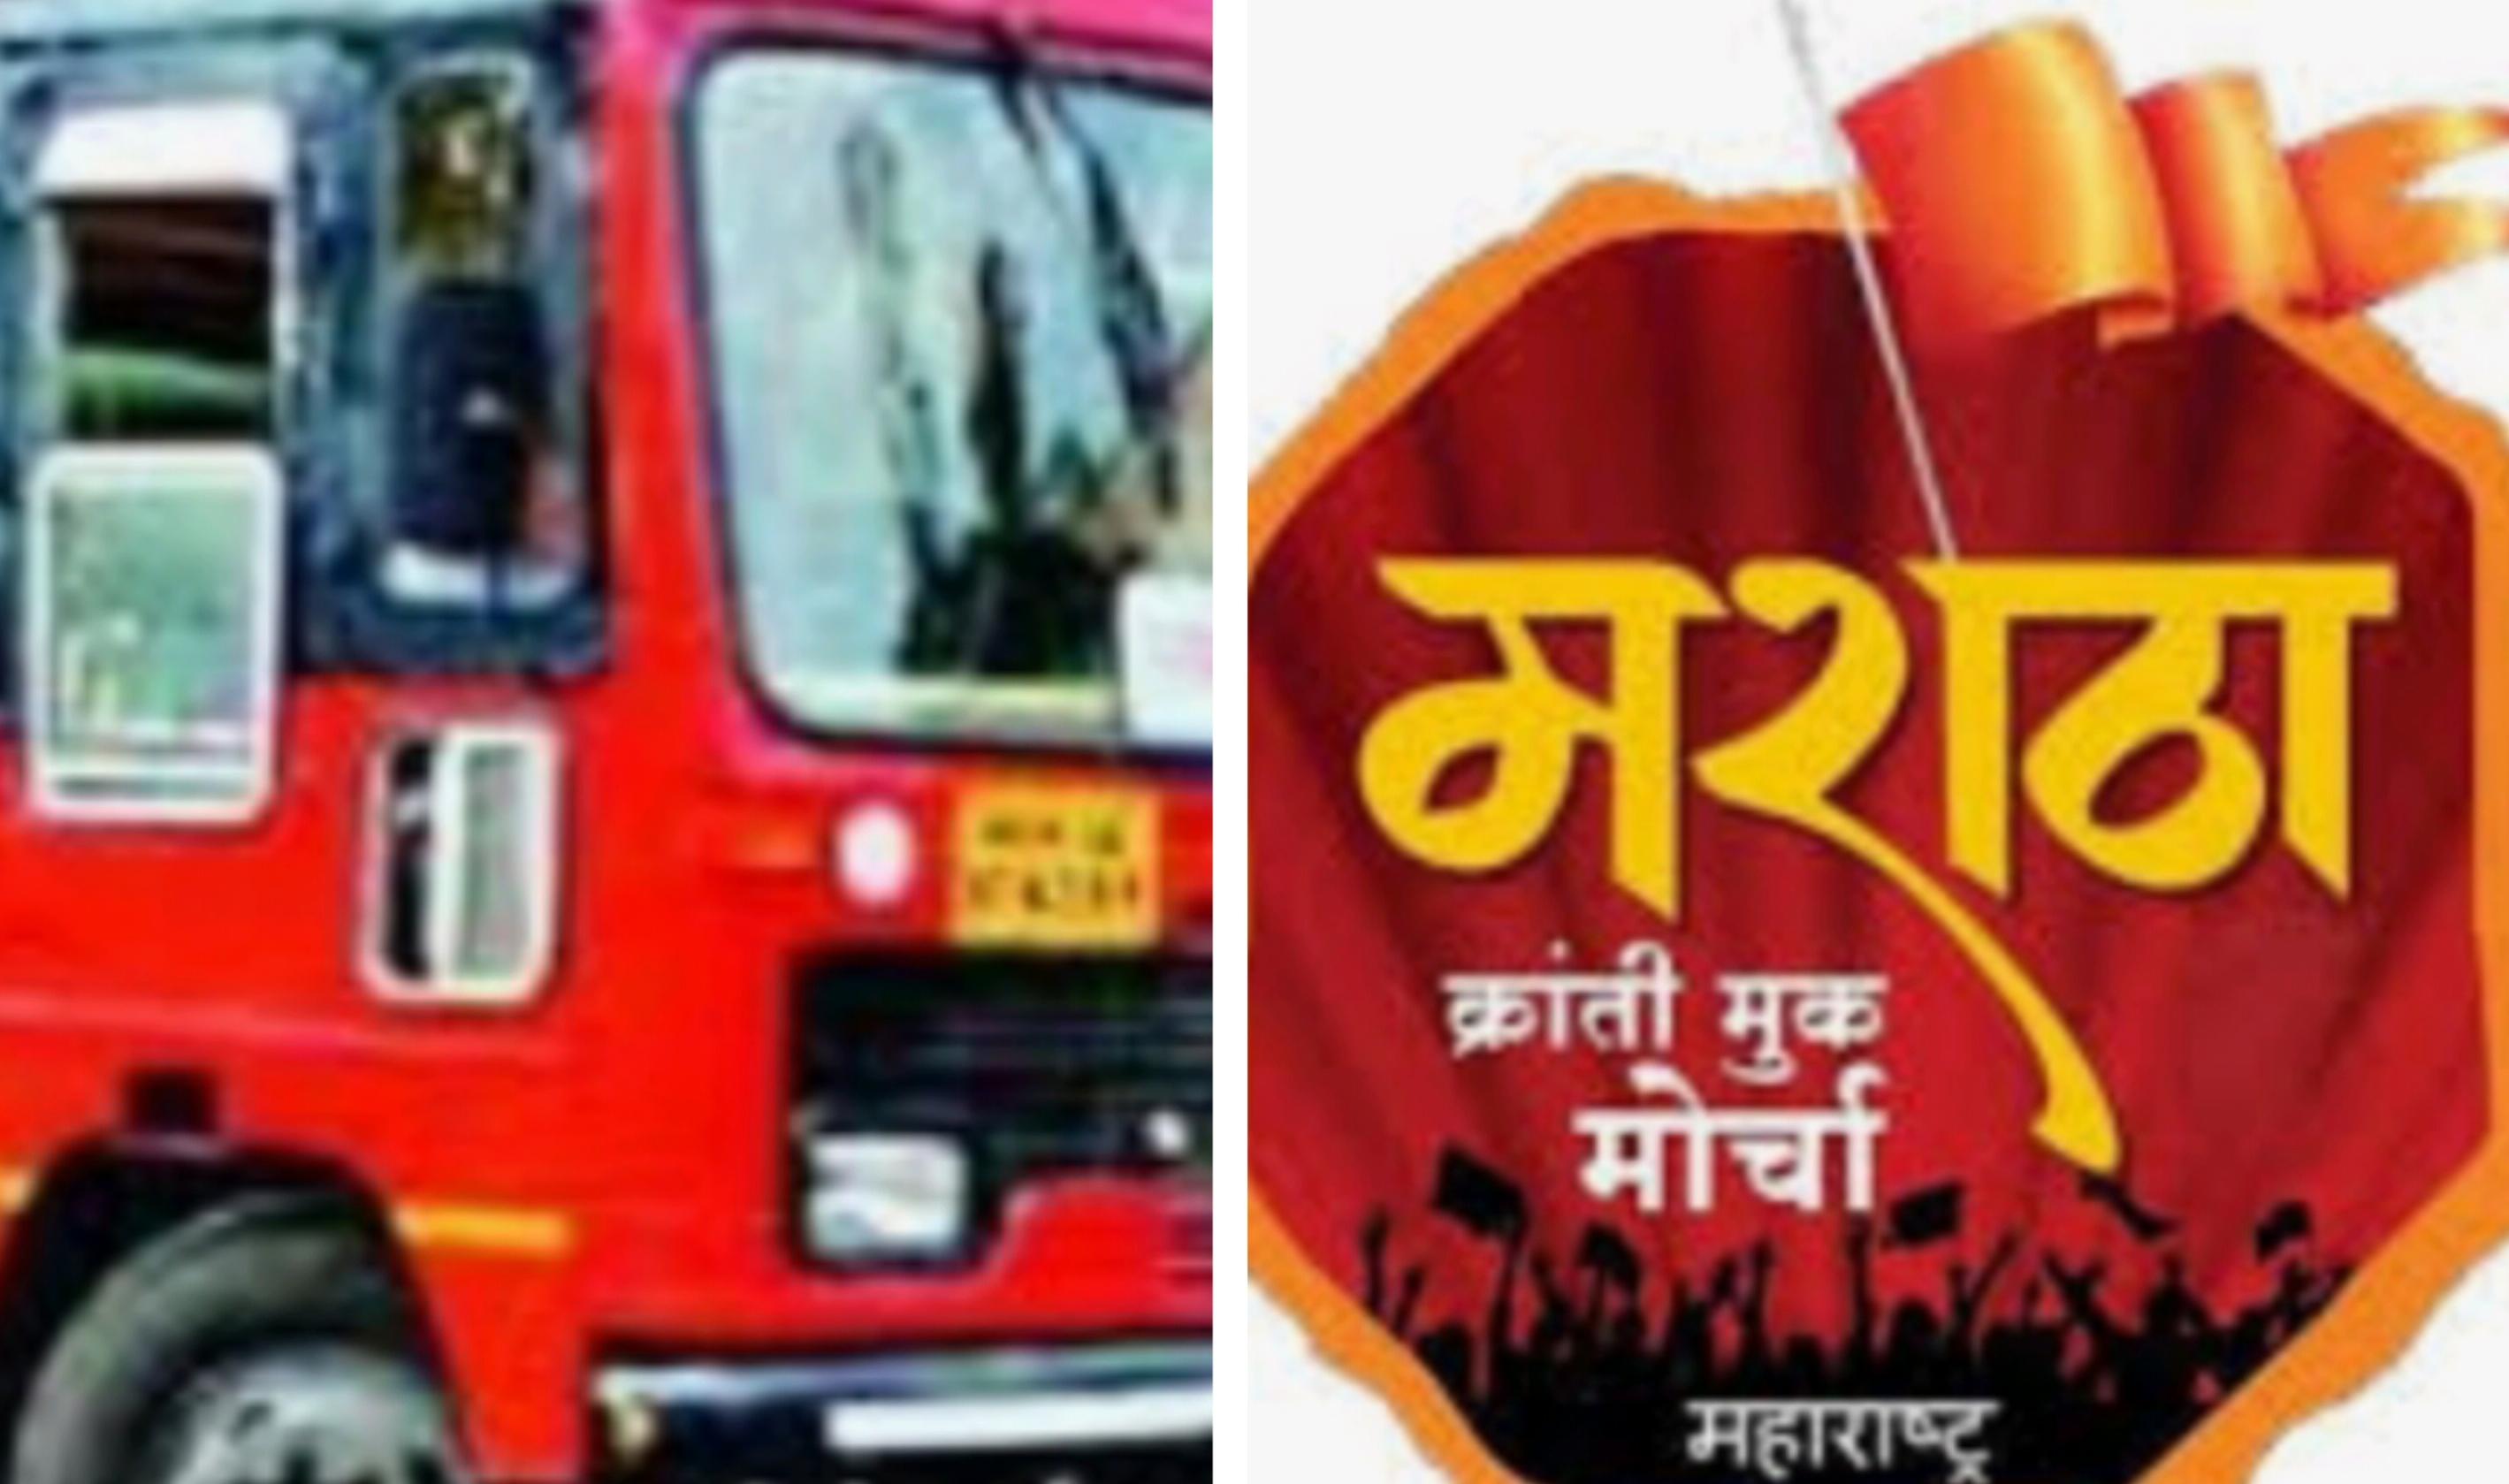 Adarsh Maharashtra | पंढरपूरला जाणाऱ्या एसटी बस शनिवारी रात्रीपर्यंत बंद जिल्हाधिकारी शंभरकर...